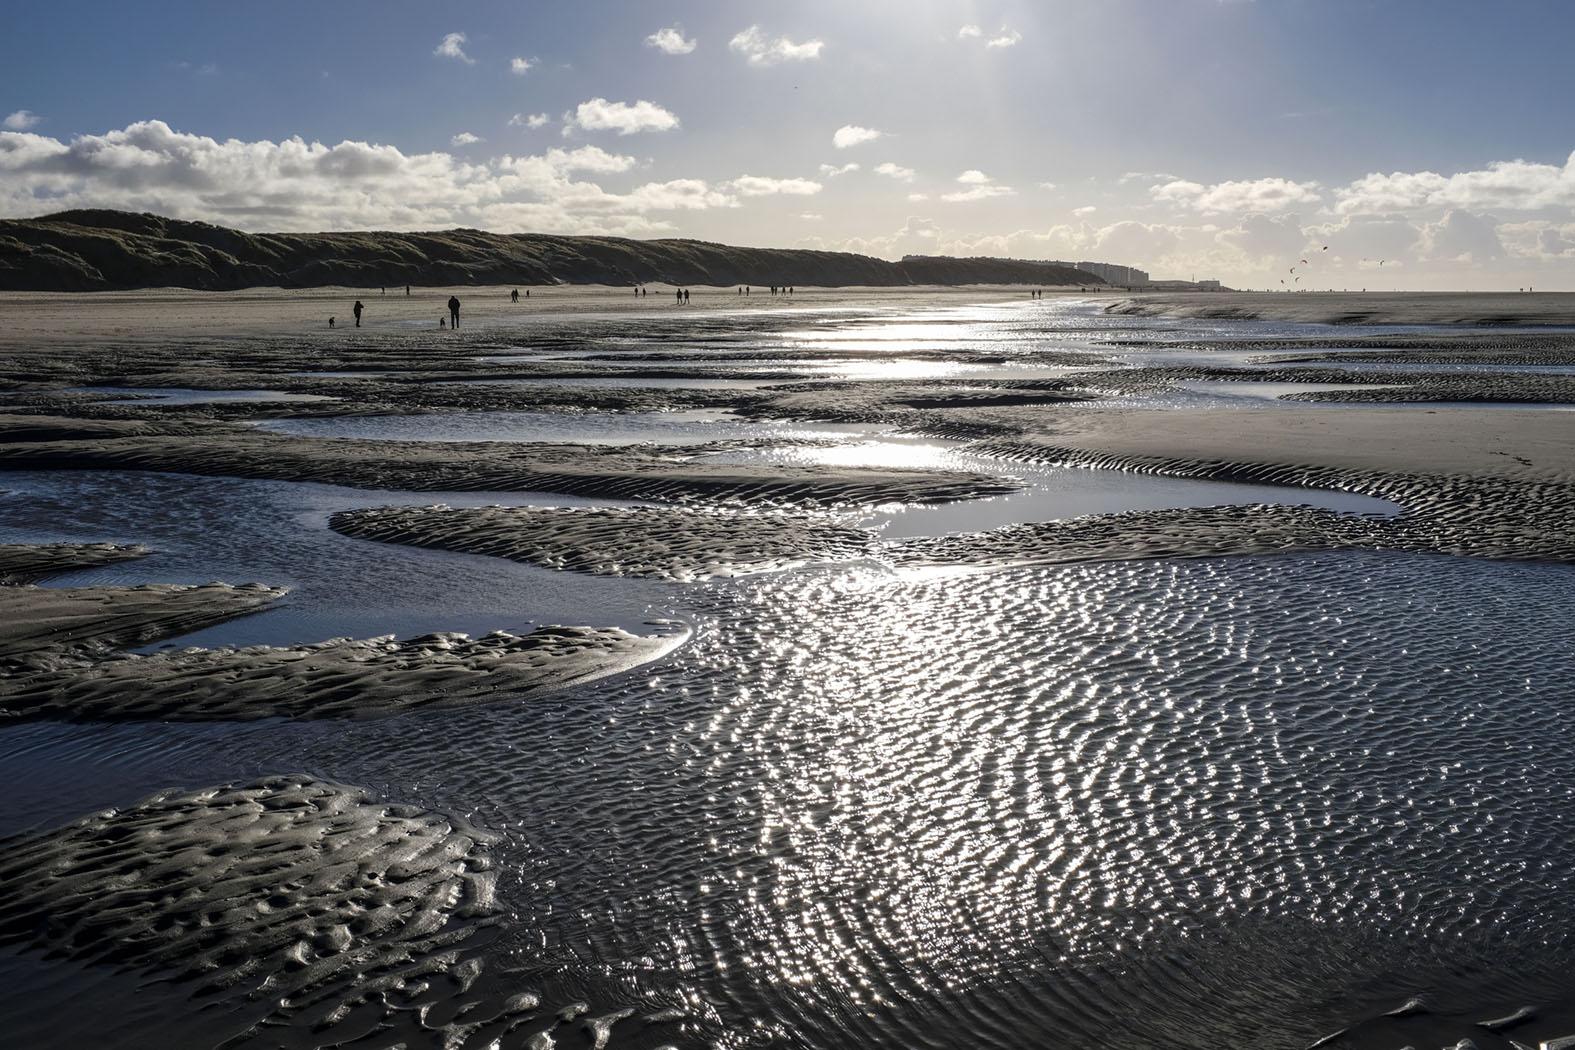 Weiter Strand bei Ebbe © Michael Kneffel